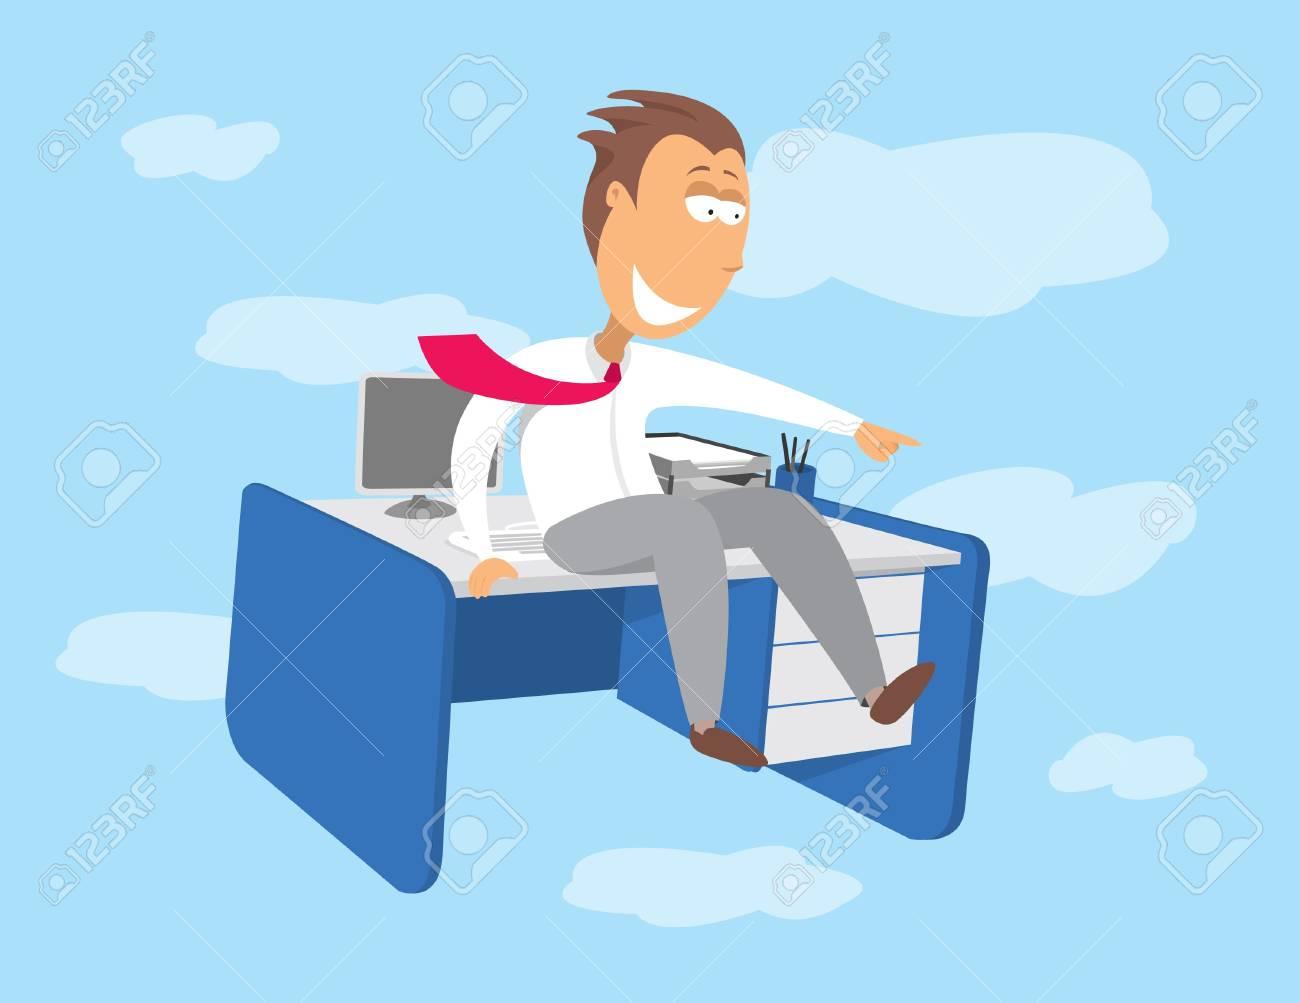 Lavoro Ufficio Clipart : Volare scrivania opportunità di lavoro clipart royalty free